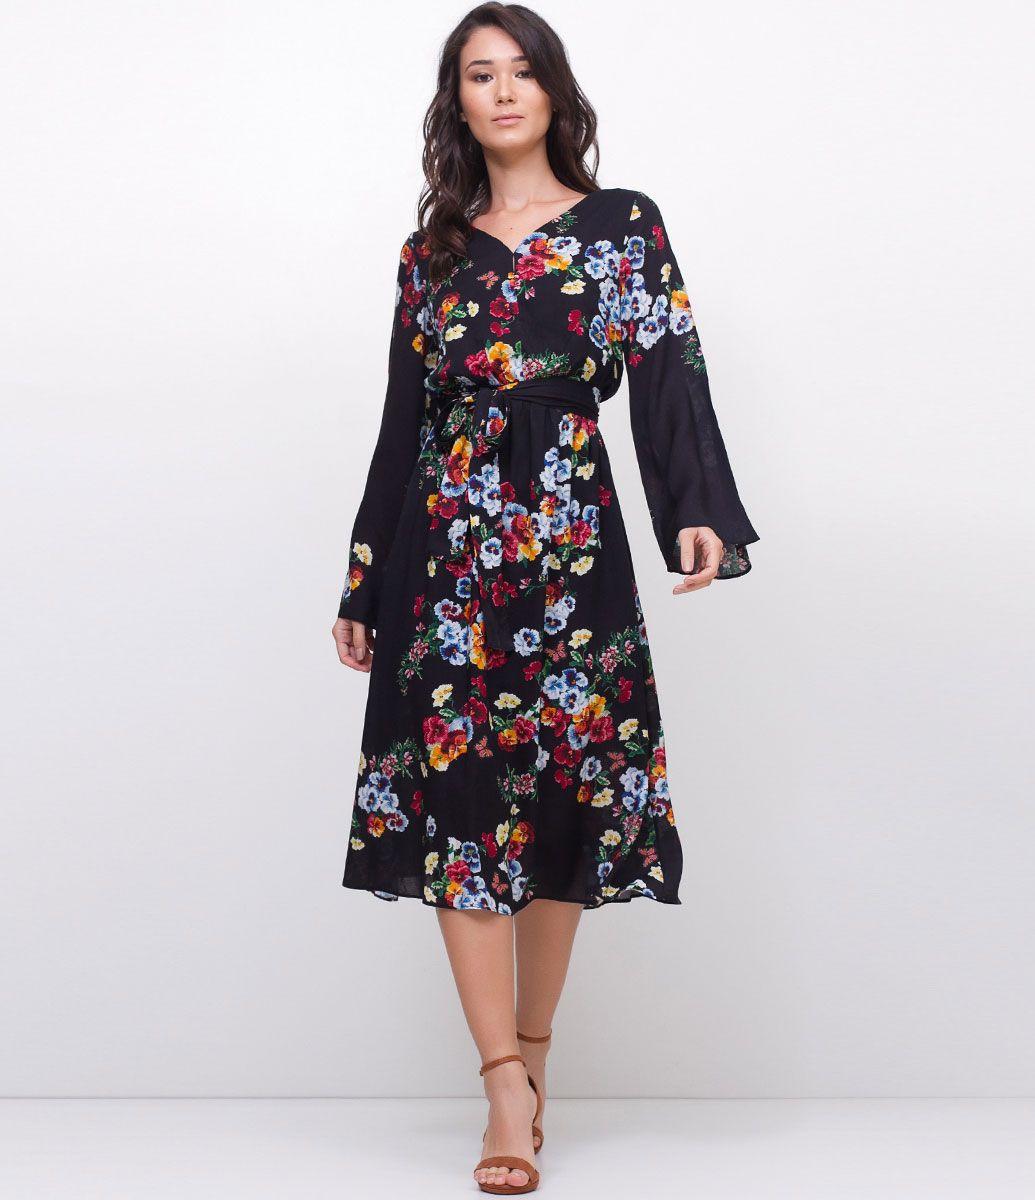 0dee58c9f2 Vestido feminino Manga longa Amarração na cintura Estampa floral Marca   Marfinno Tecido  viscose Composição